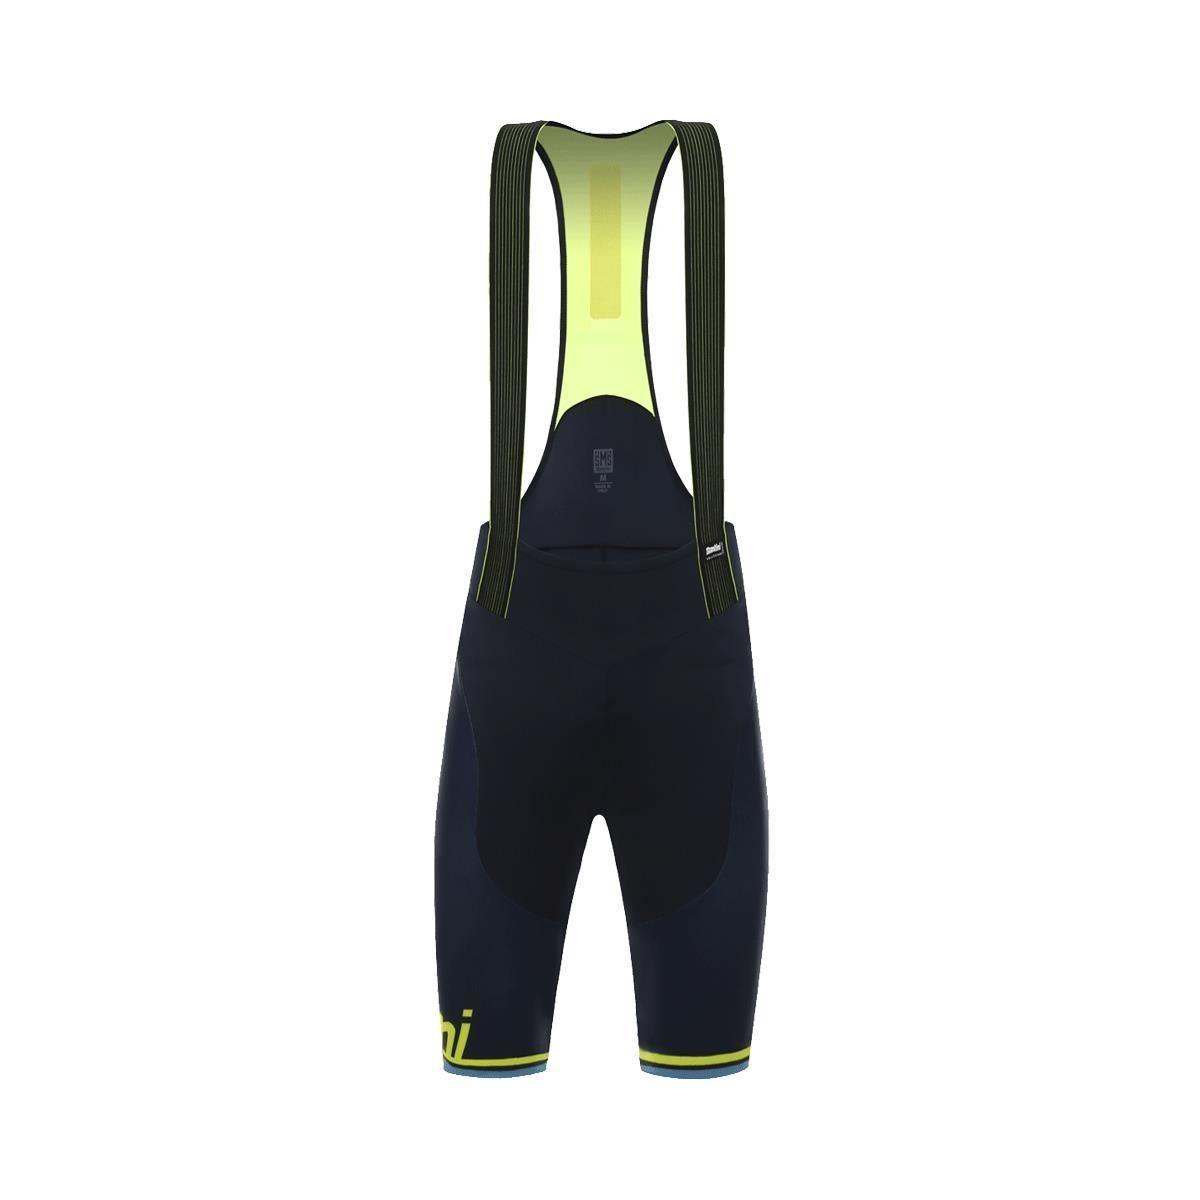 Santini Tono 2.0 Bib Shorts Nat Pad 2017: Navy/Yellow M